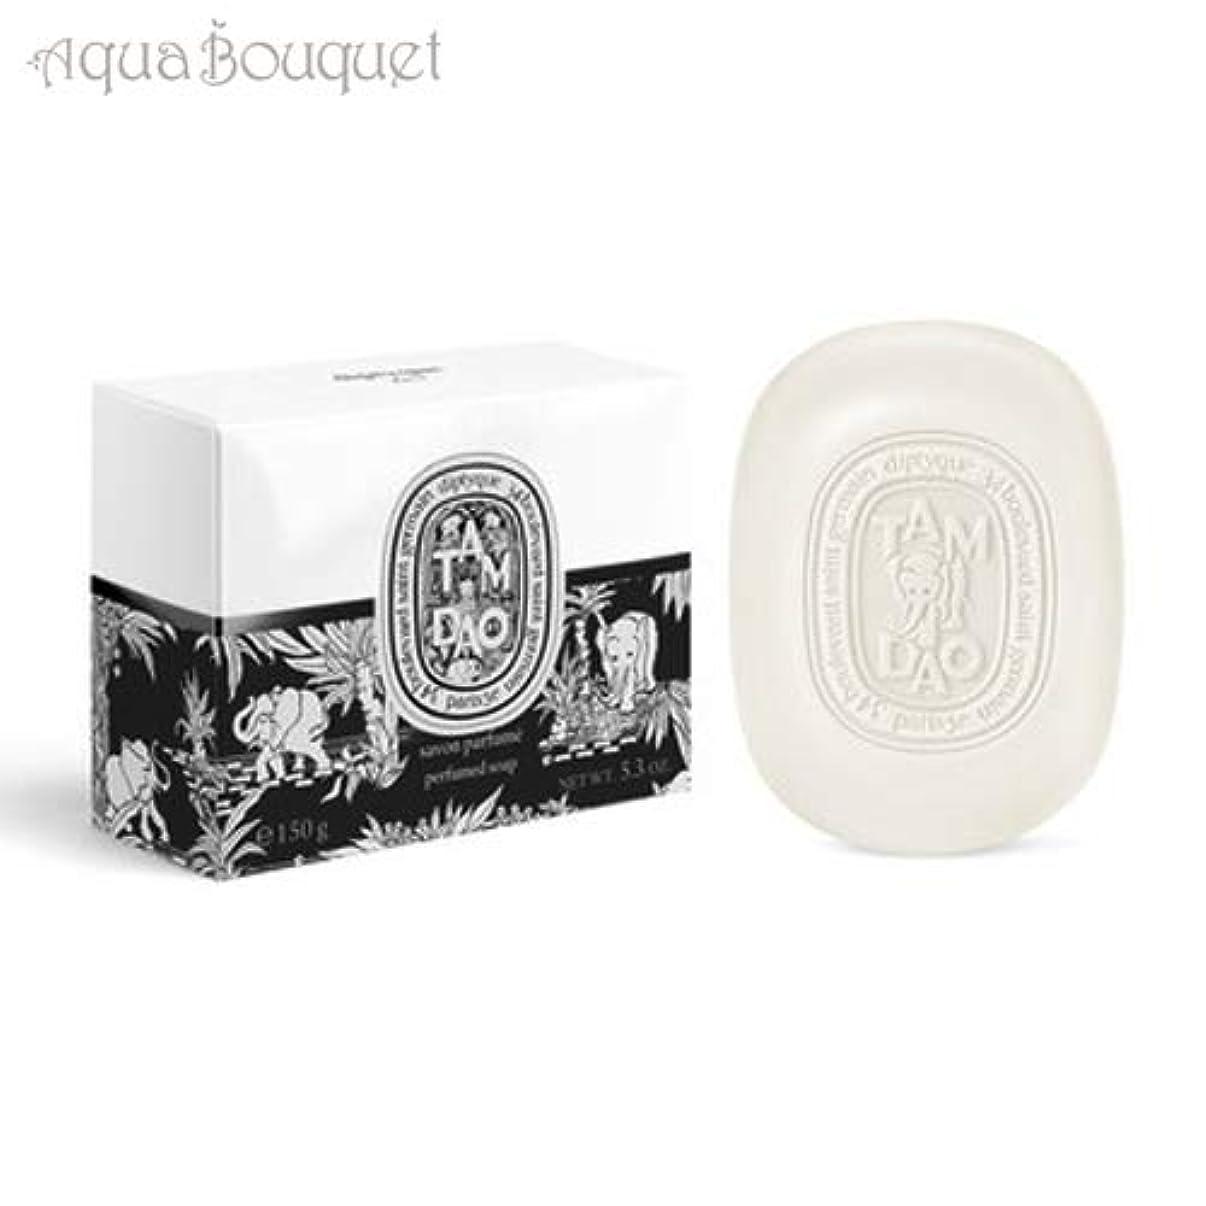 テクトニックセンターなめらかなディプティック タムダオ ソープ 150g DIPTYQUE TAMDAO PERFUMED SOAP [8289] [並行輸入品]